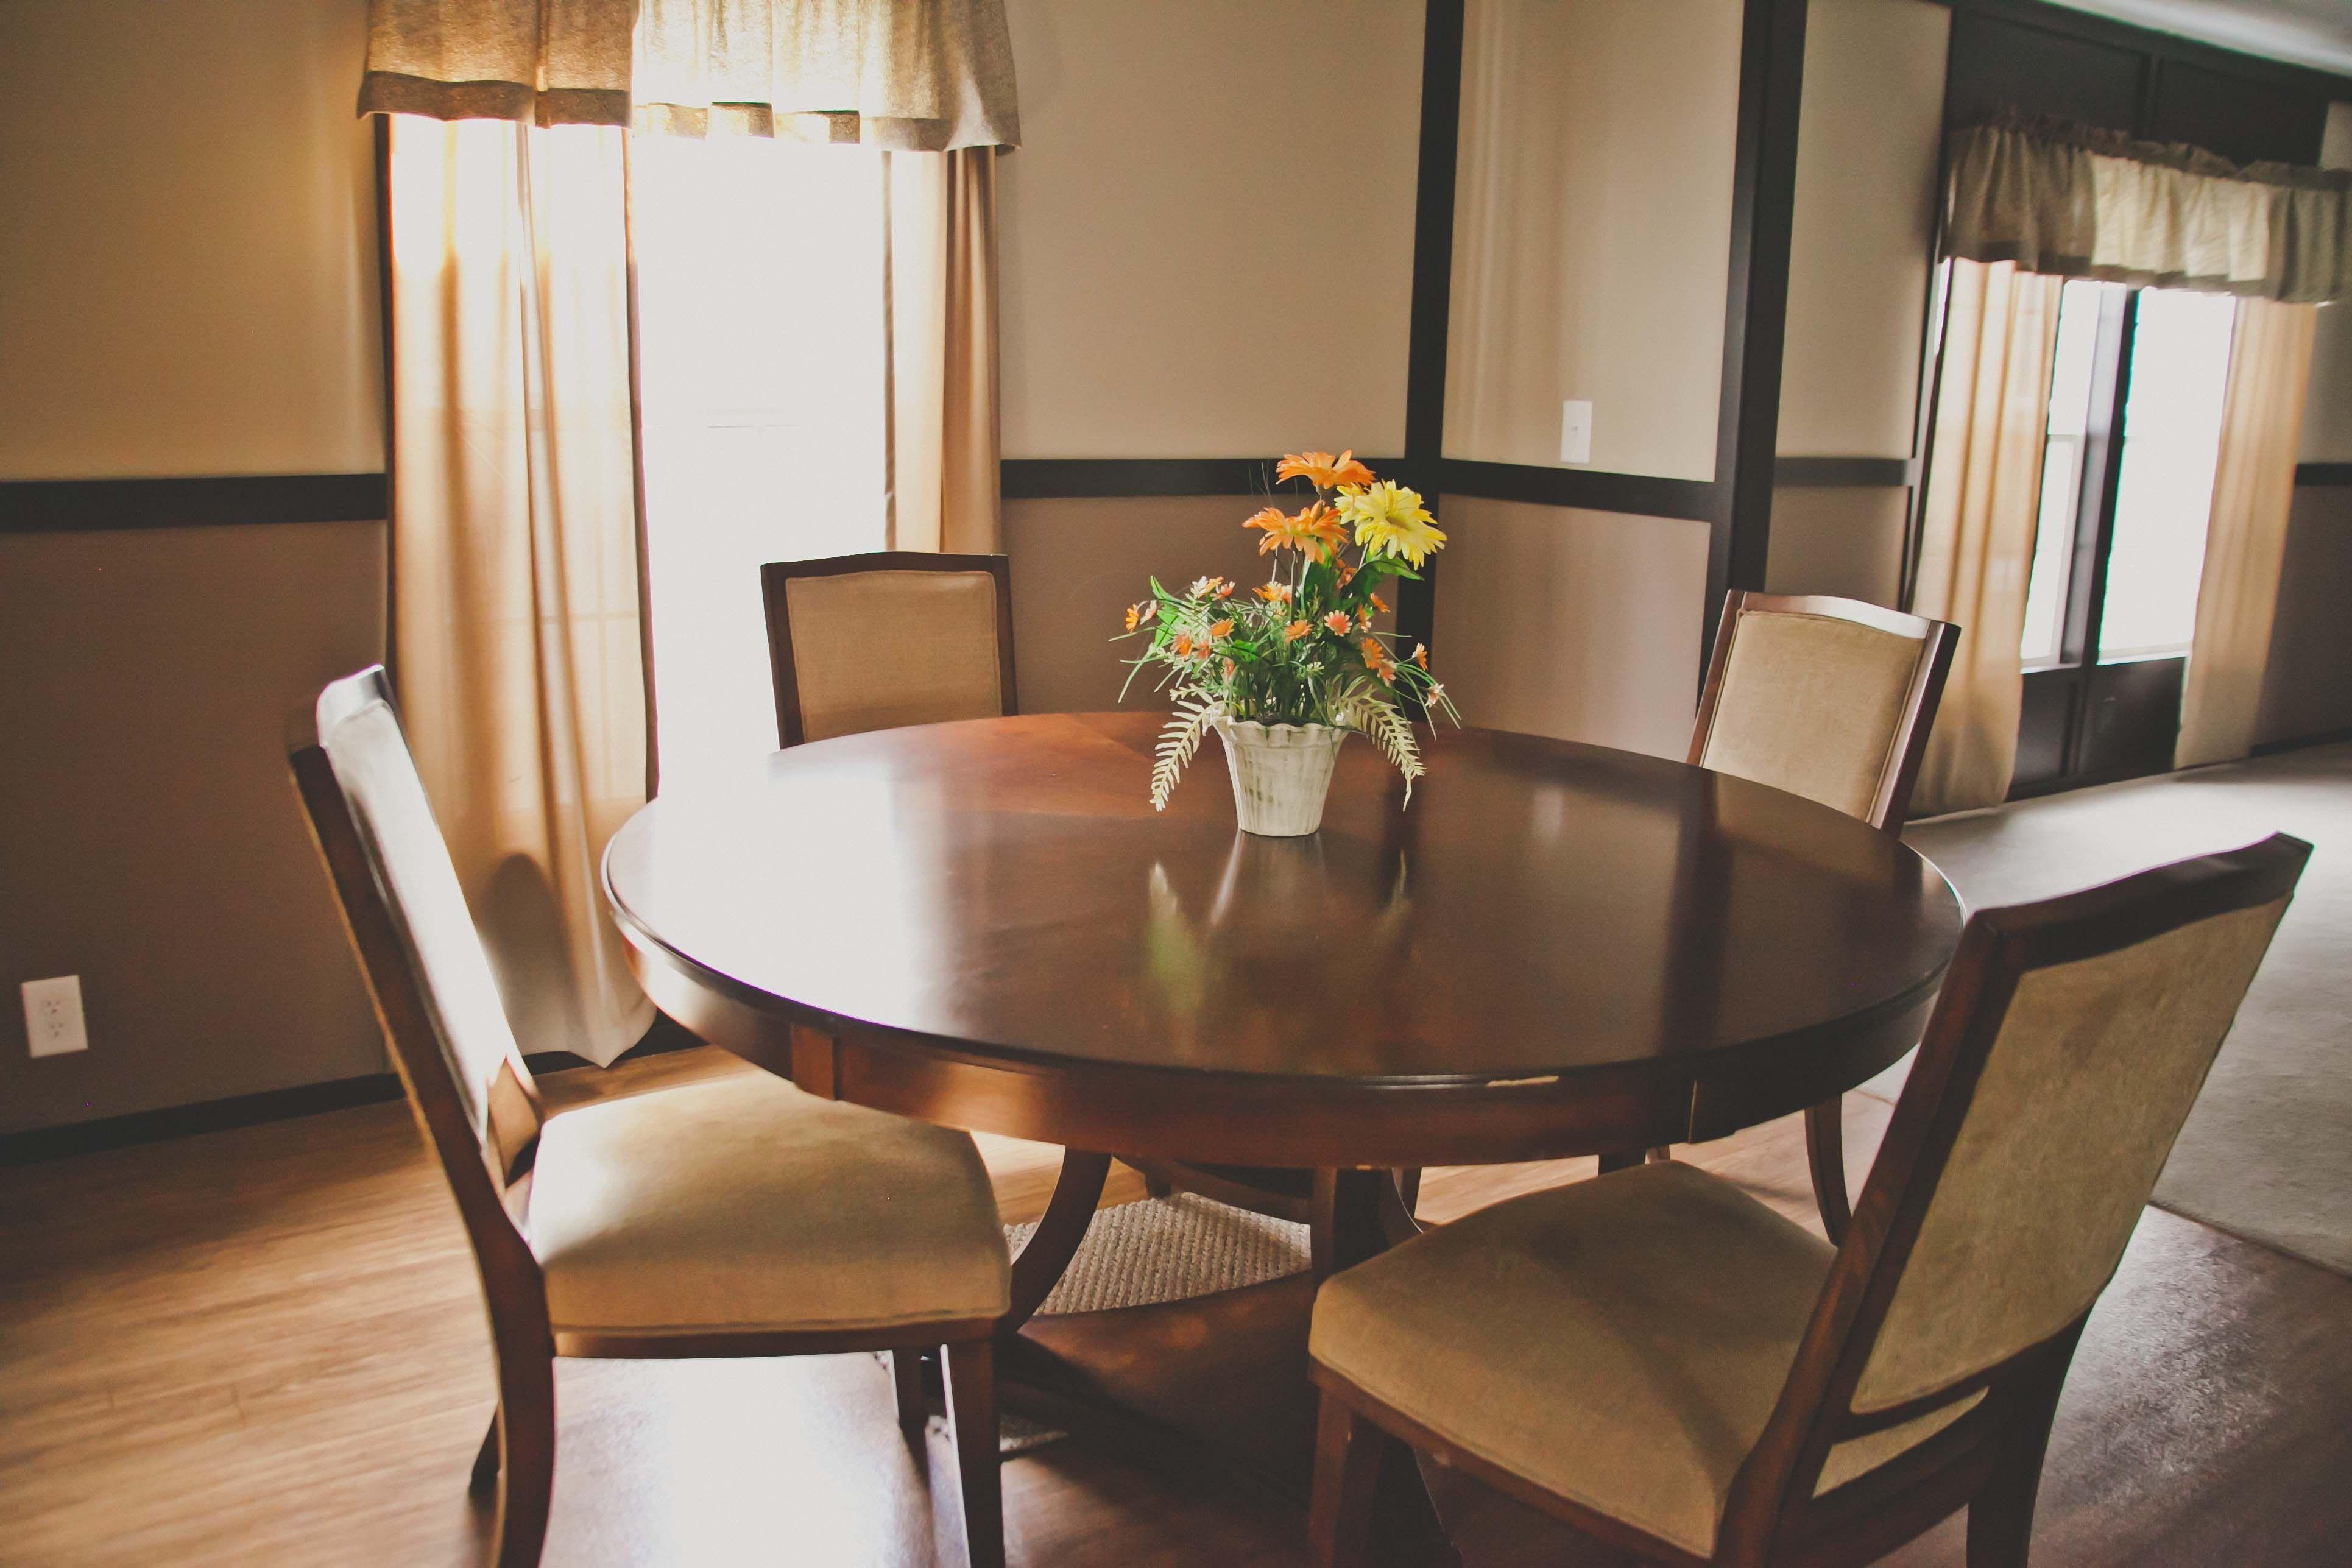 Eldorado Dining Room El Dorado Dining Room  Httpfmufpi  Pinterest  El Dorado